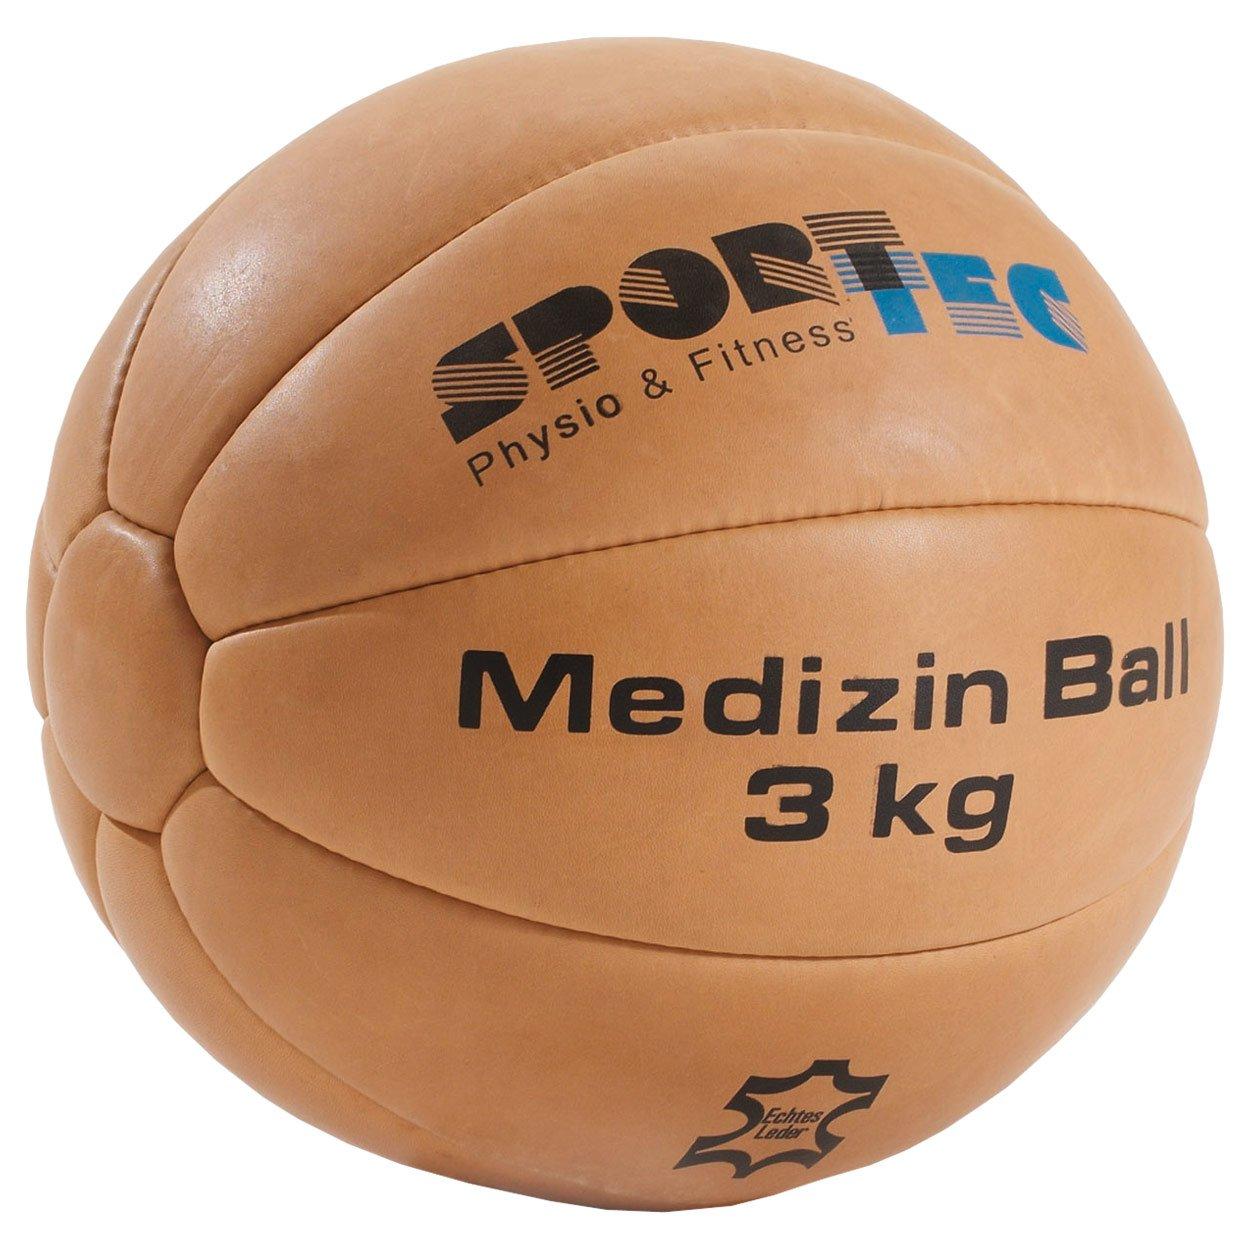 Medizinball Fitnessball Gewichtsball Rehaball aus Echtem Leder